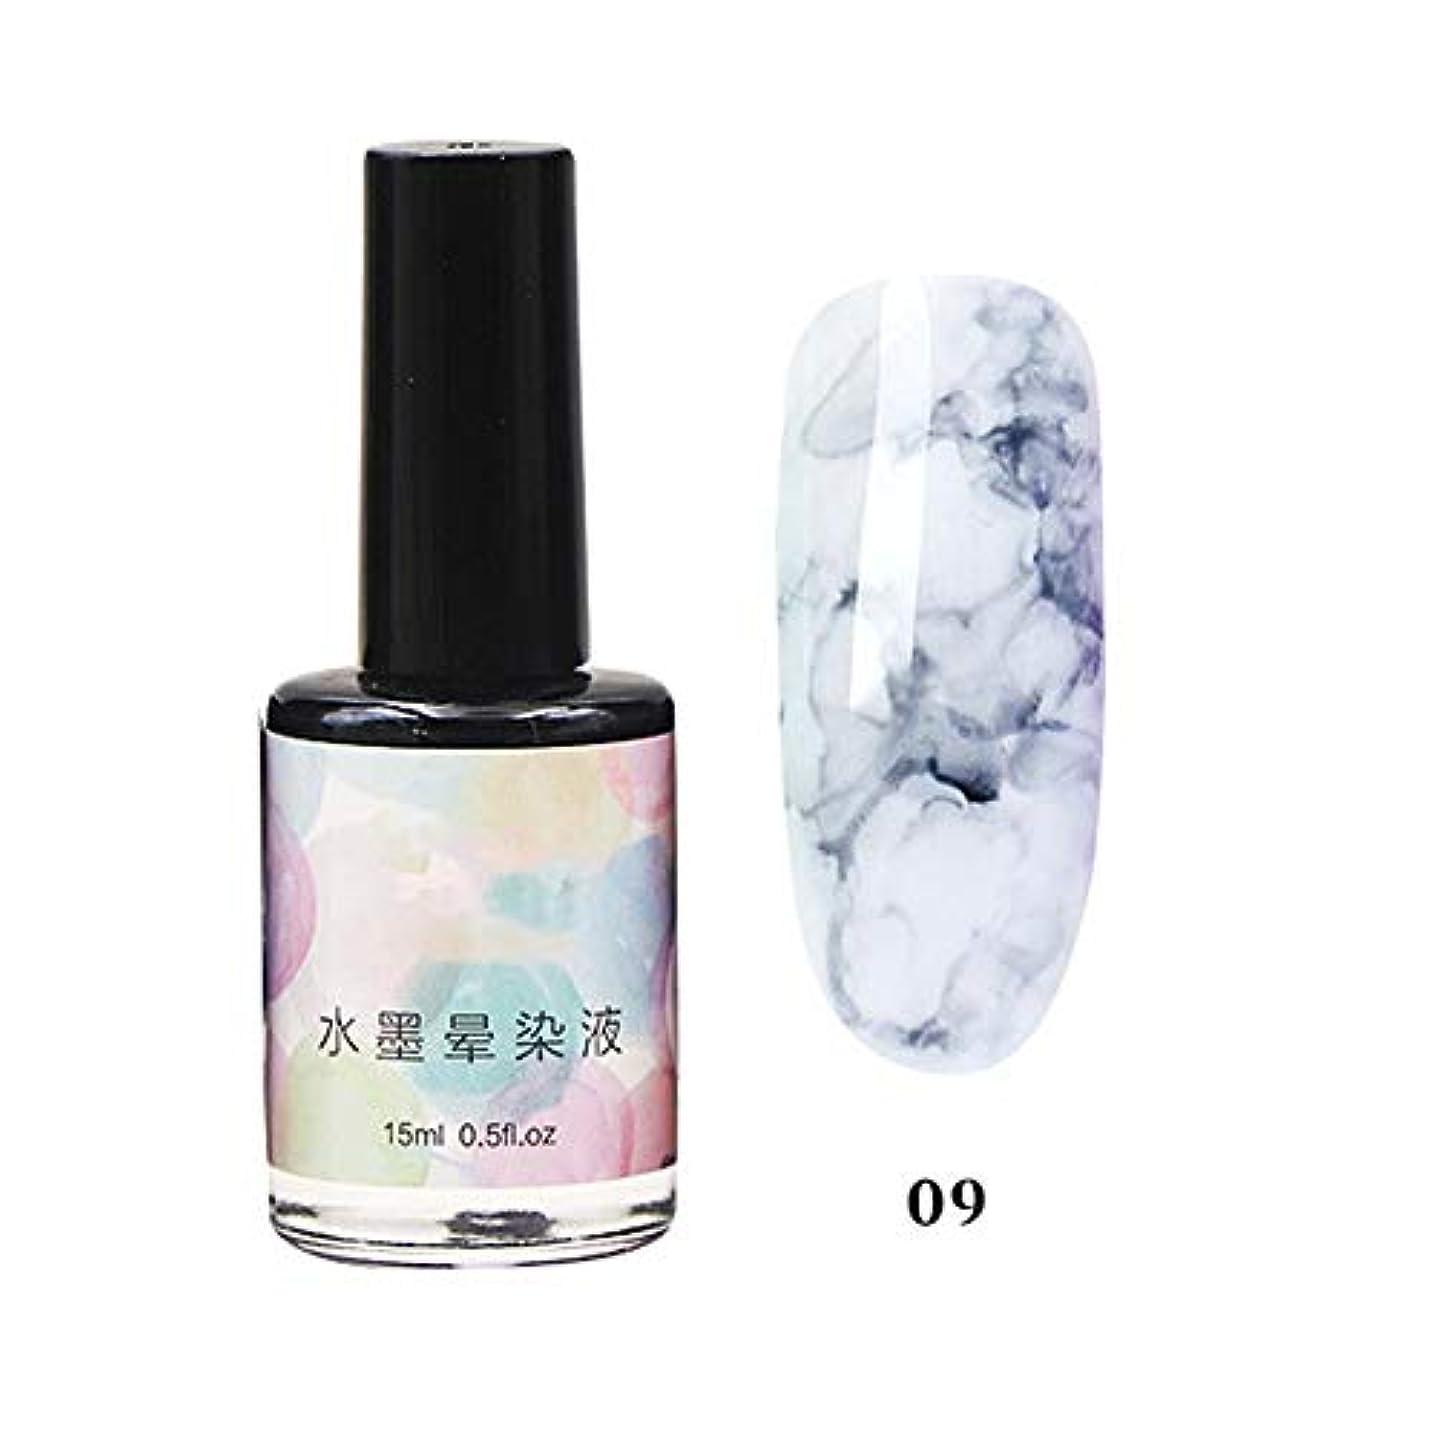 シンボル初期のペインギリック11色選べる ネイルポリッシュ マニキュア ネイルアート 美しい 水墨柄 ネイルカラー 液体 爪に塗って乾かす 初心者でも簡単に使用できる junexi